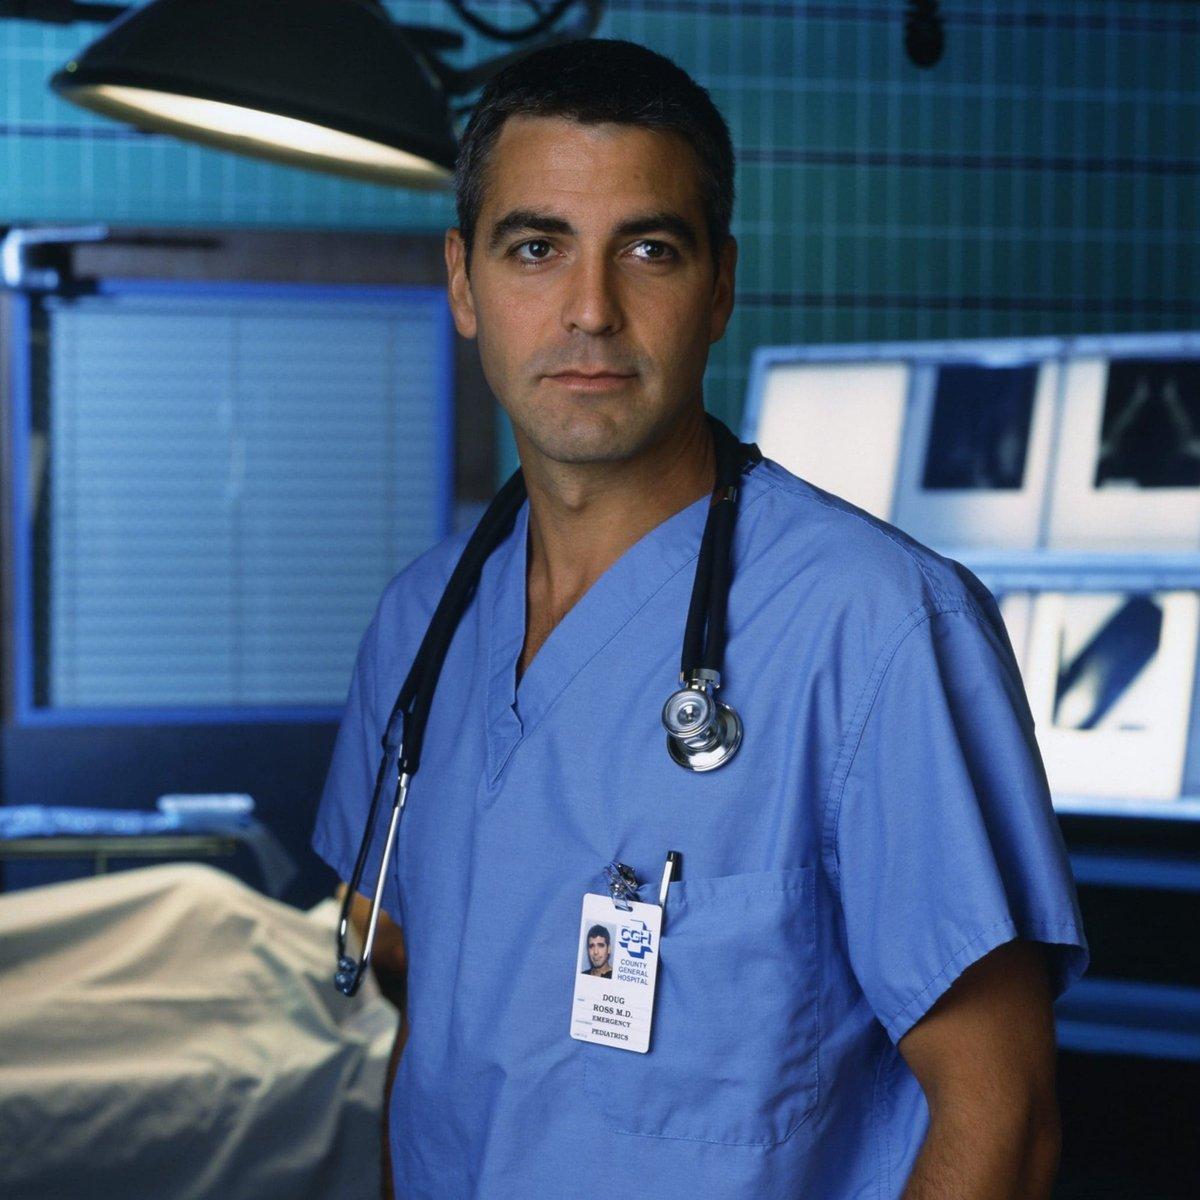 Seriál Pohotovost byl pro George Clooneyho odrazový můstek do světa velkofilmů.